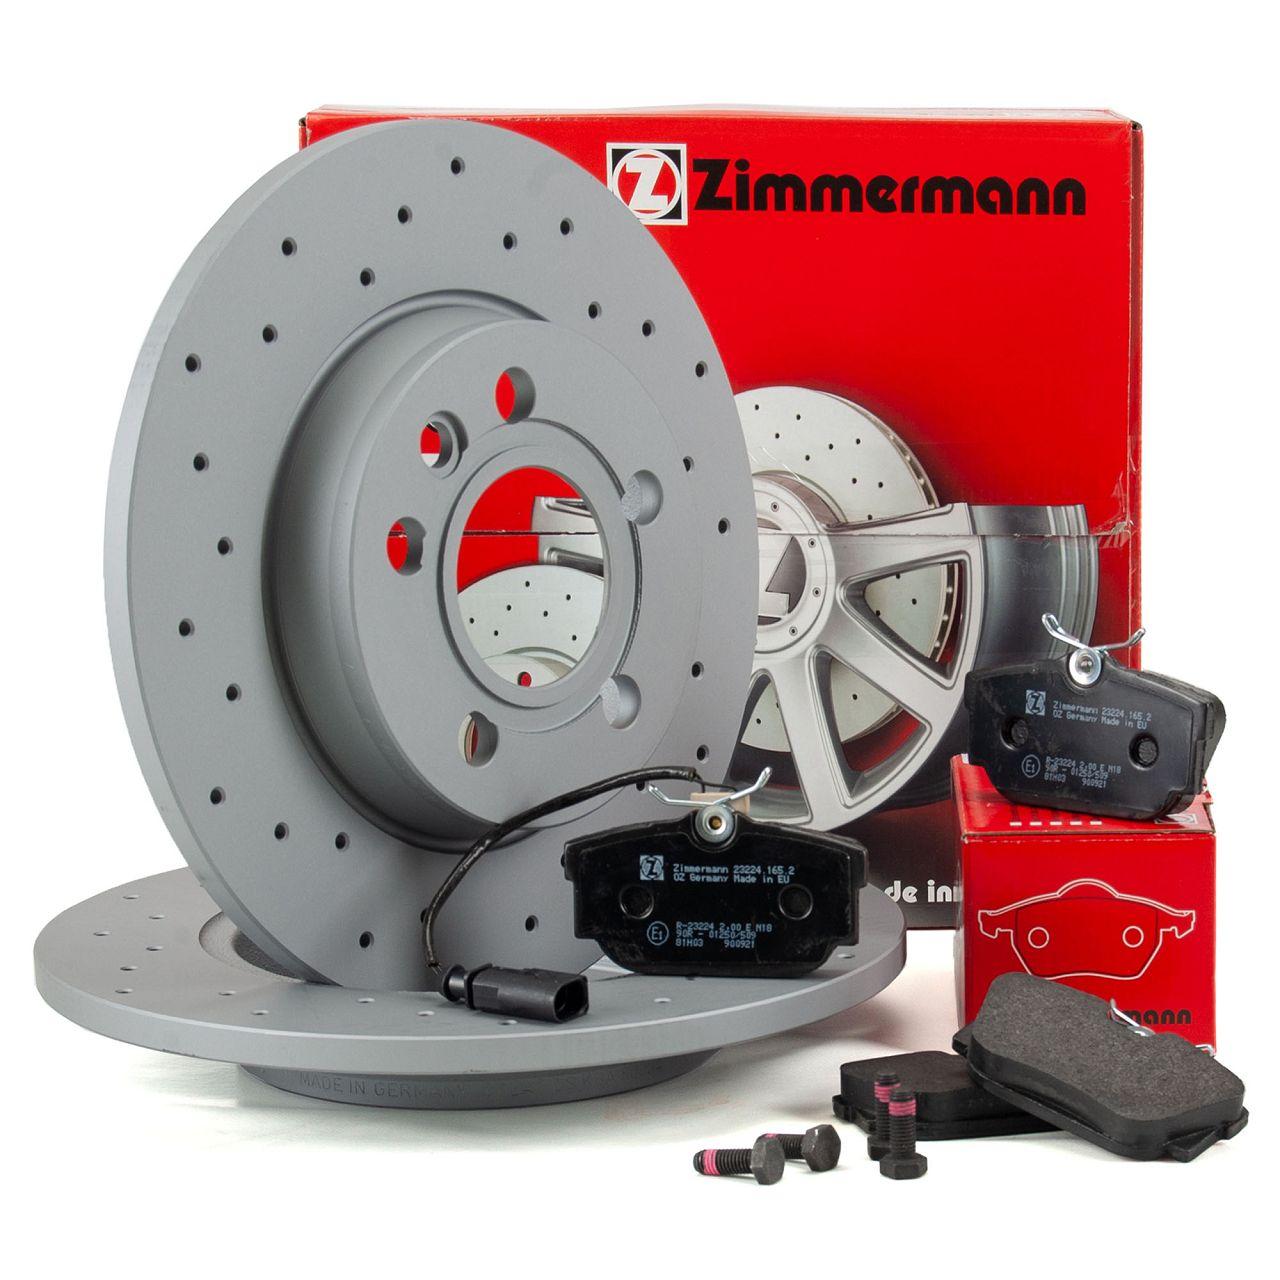 Zimmermann SPORT Bremsscheiben Beläge Wako für VW TRANSPORTER T4 15 Zoll hinten